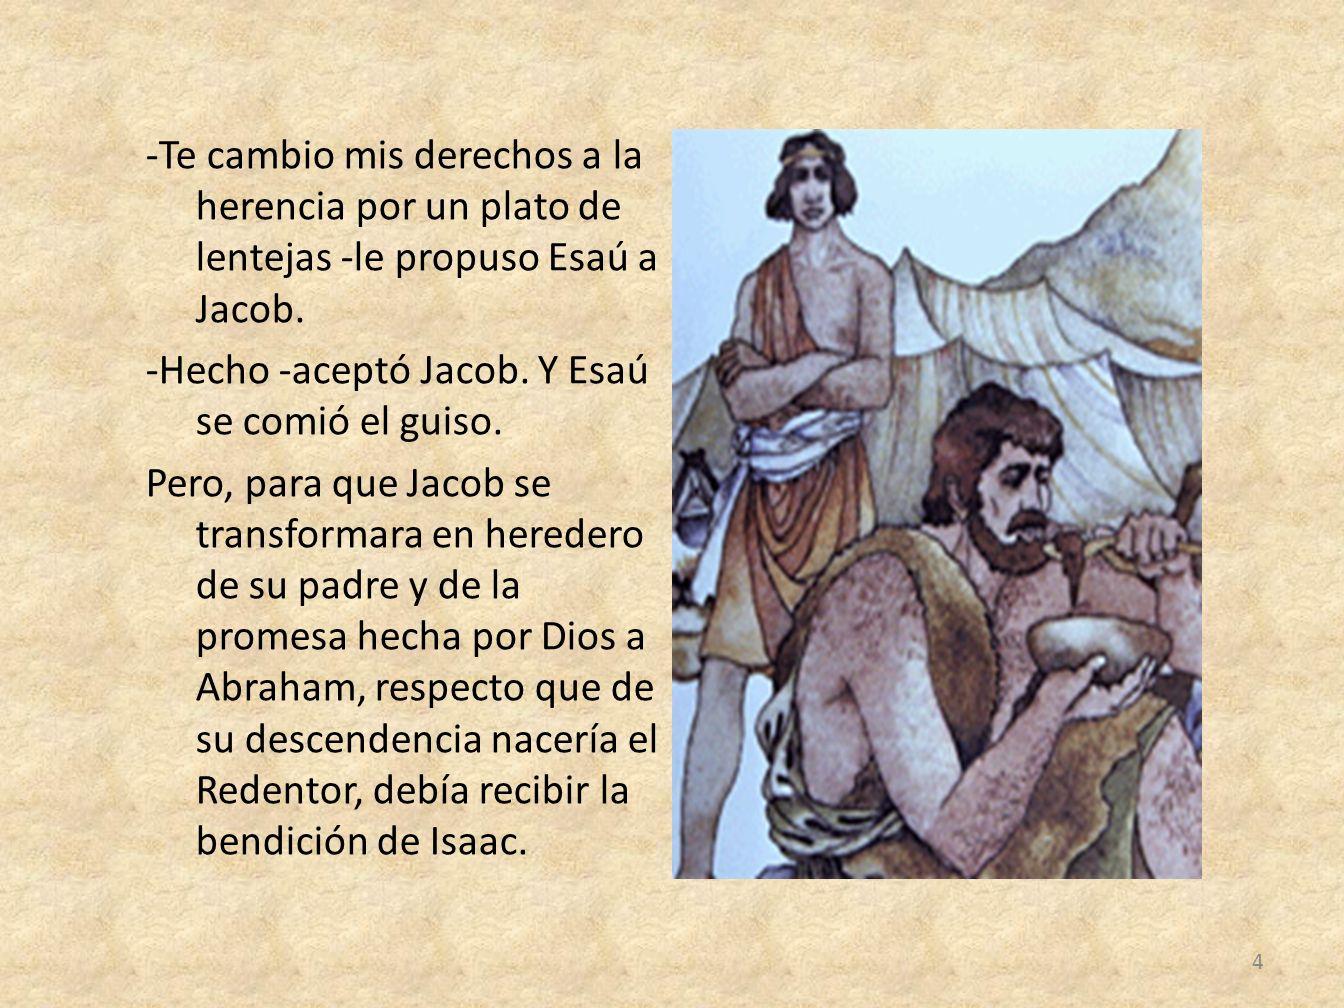 -Te cambio mis derechos a la herencia por un plato de lentejas -le propuso Esaú a Jacob. -Hecho -aceptó Jacob. Y Esaú se comió el guiso. Pero, para qu